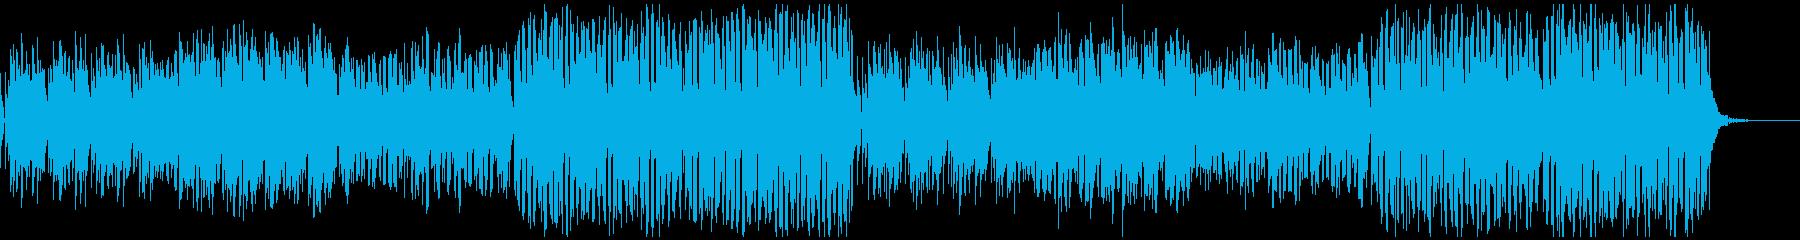 クール・スタイリッシュ・EDM・1の再生済みの波形